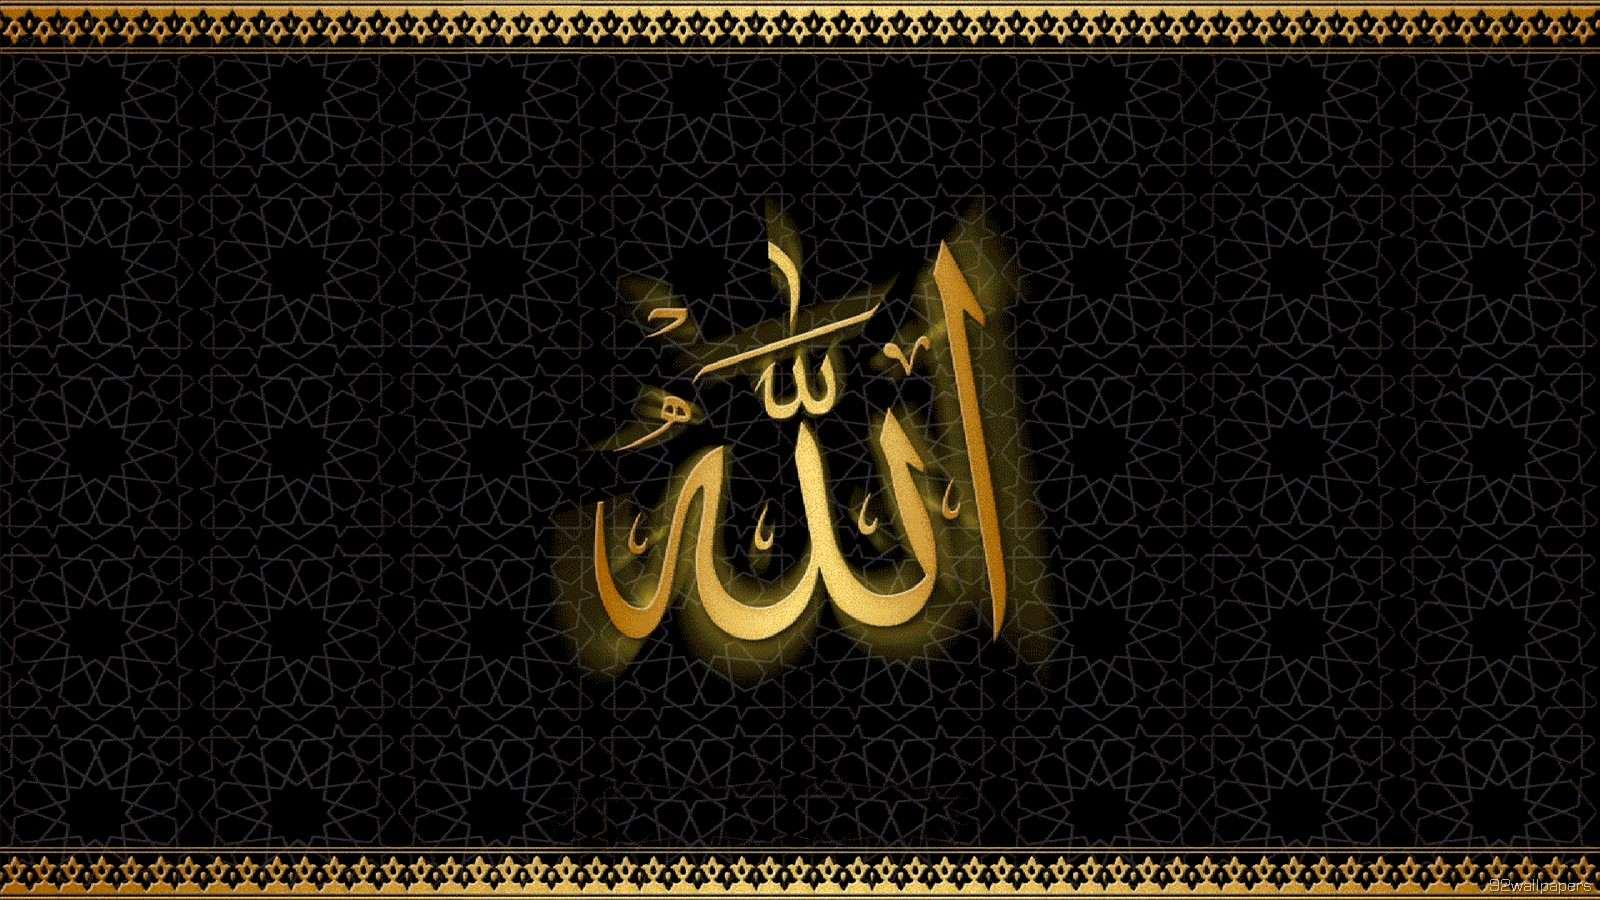 Wallpaper iphone kaligrafi - Sacred Wallpapers Beautiful Allah Name Hd Islamic Wallpapers Hd